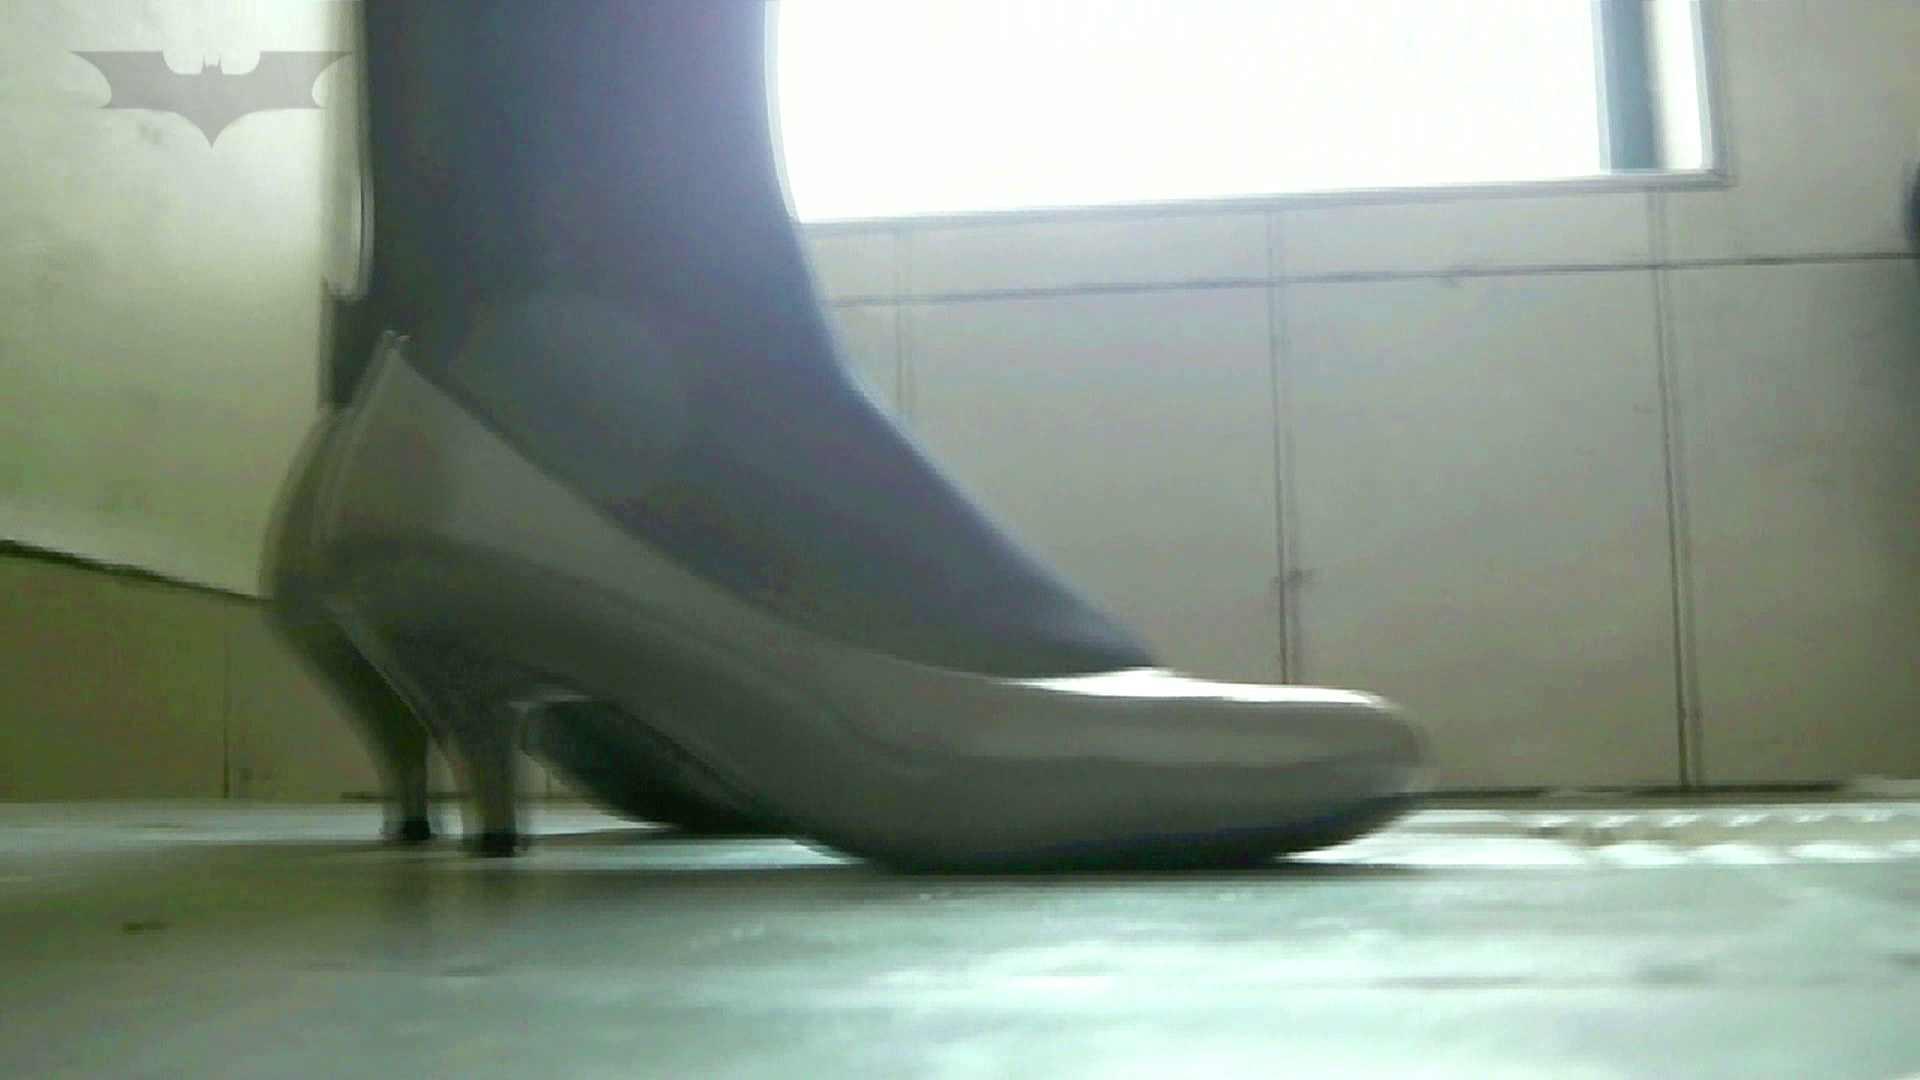 ステーション編 vol.29 頭二つ飛び出る180cm長身モデル 洗面所  79PIX 64